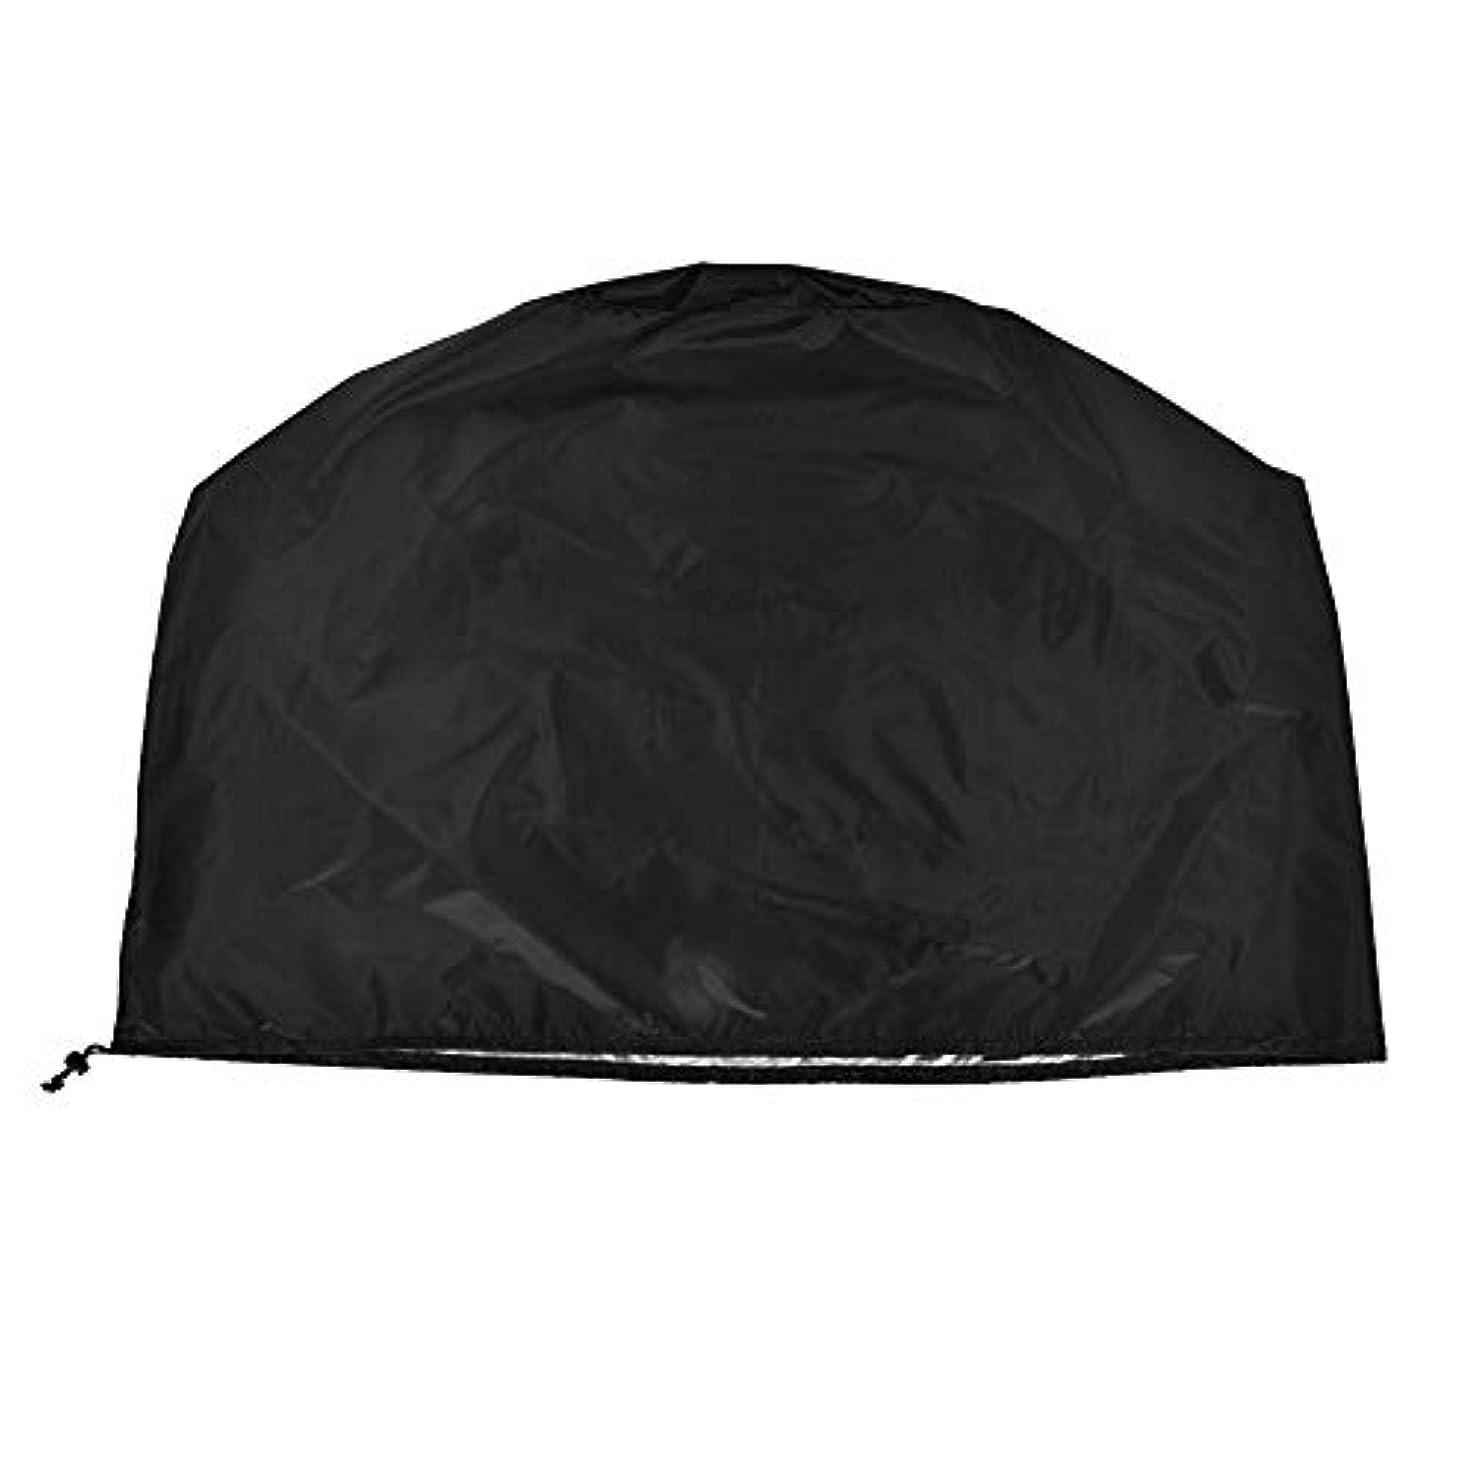 前売かび臭いパイBBQカバー、グリルカバー、防水、防塵、雪、雨、ガーデン、アウトドア、キャンプ、70*70*70cm (色 : Black)